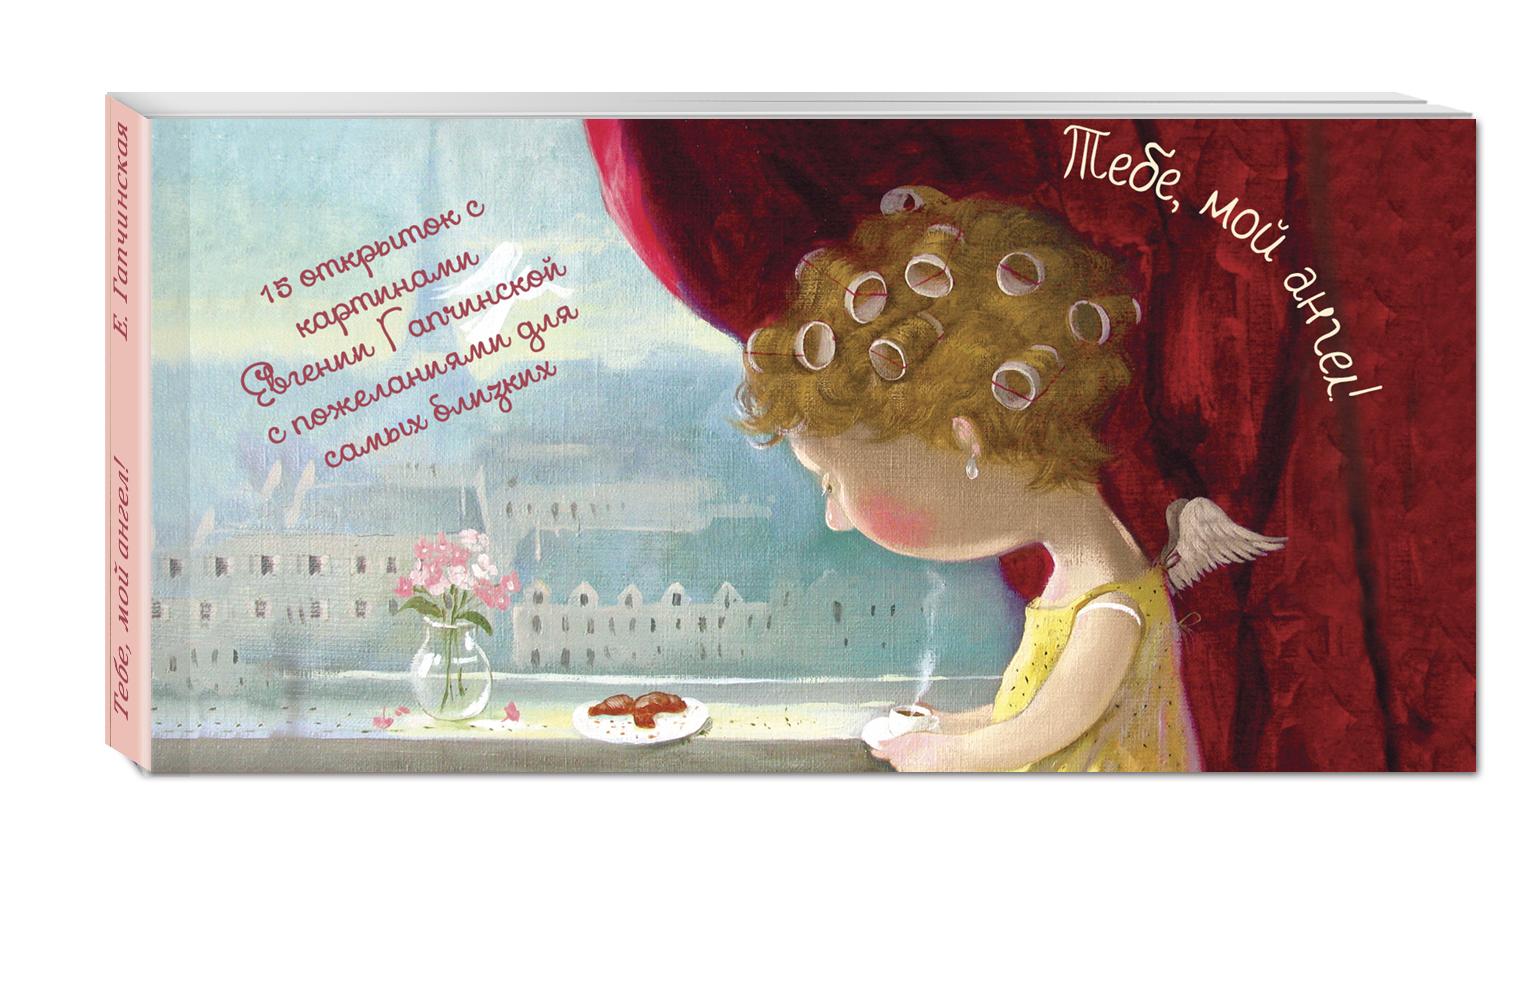 Гапчинская Евгения Тебе, мой ангел. 15 открыток на перфорации (нов.оф.1)